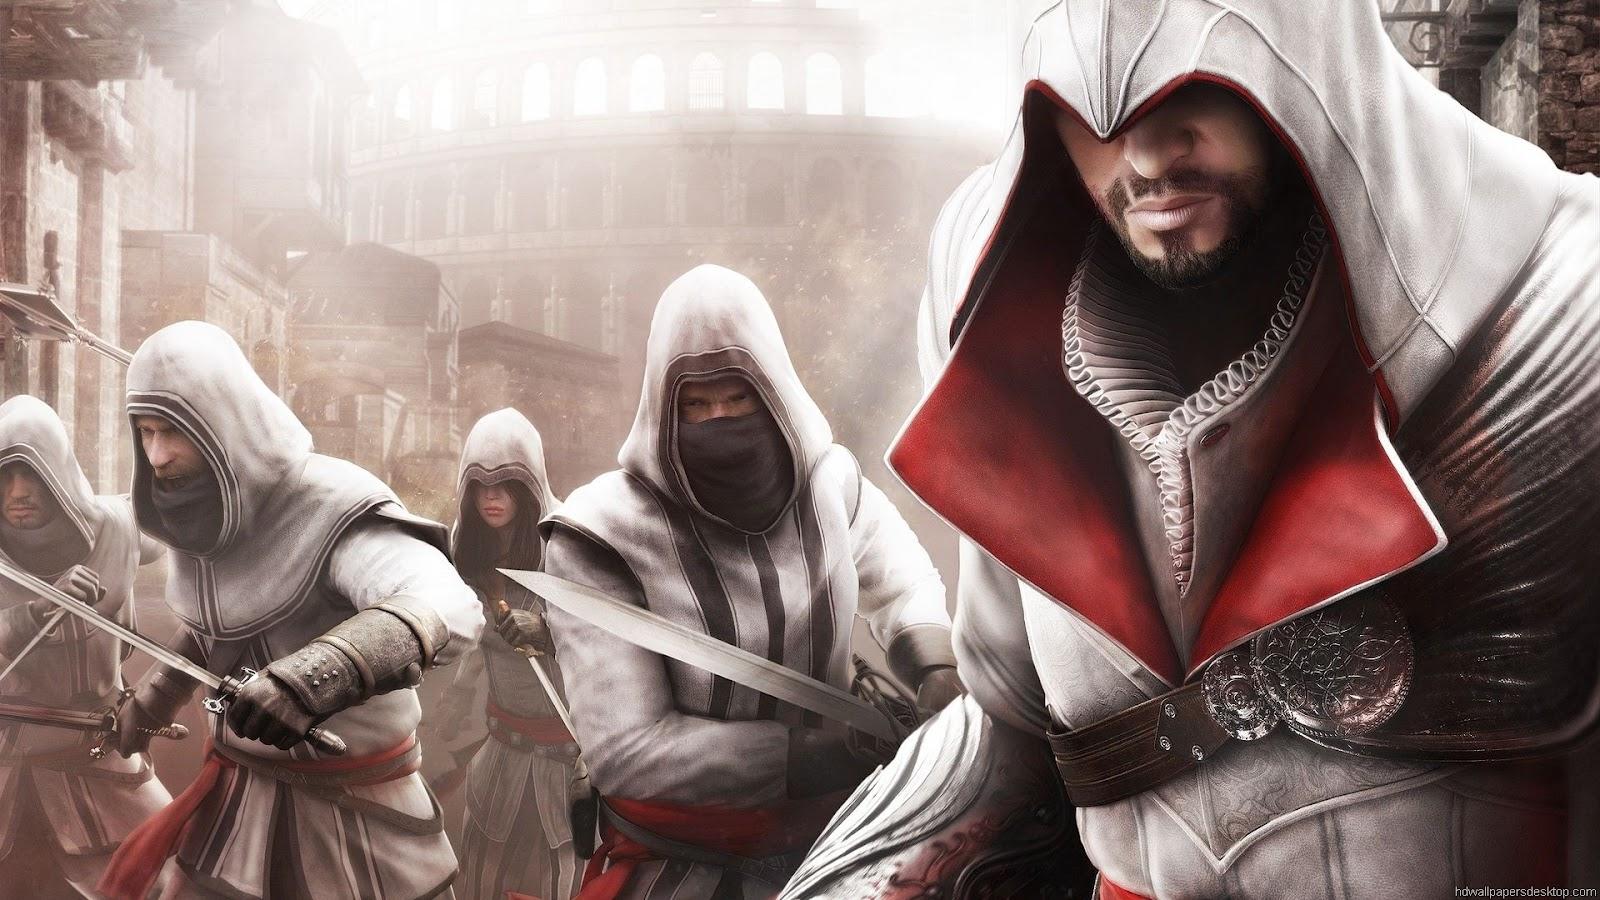 http://1.bp.blogspot.com/-vi28Xkek9IY/UA1je5q0FGI/AAAAAAAAAoA/6zgCcUvEzCk/s1600/Assassin\'s%2520Creed%2520Brotherhood%25203.jpg